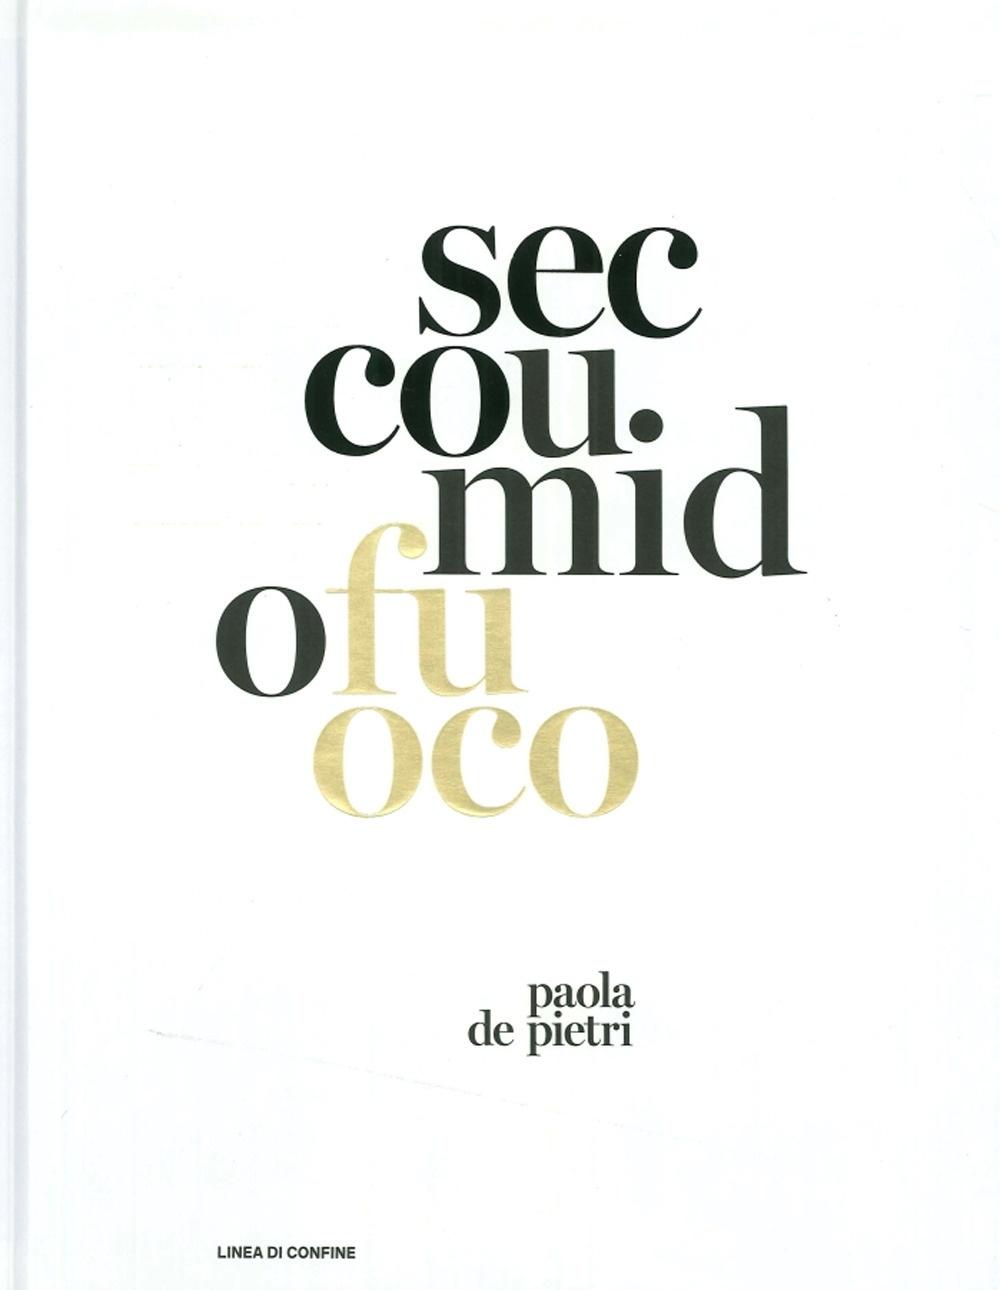 Sec Cou. Mid Ofu Oco. Paola De Pietri.